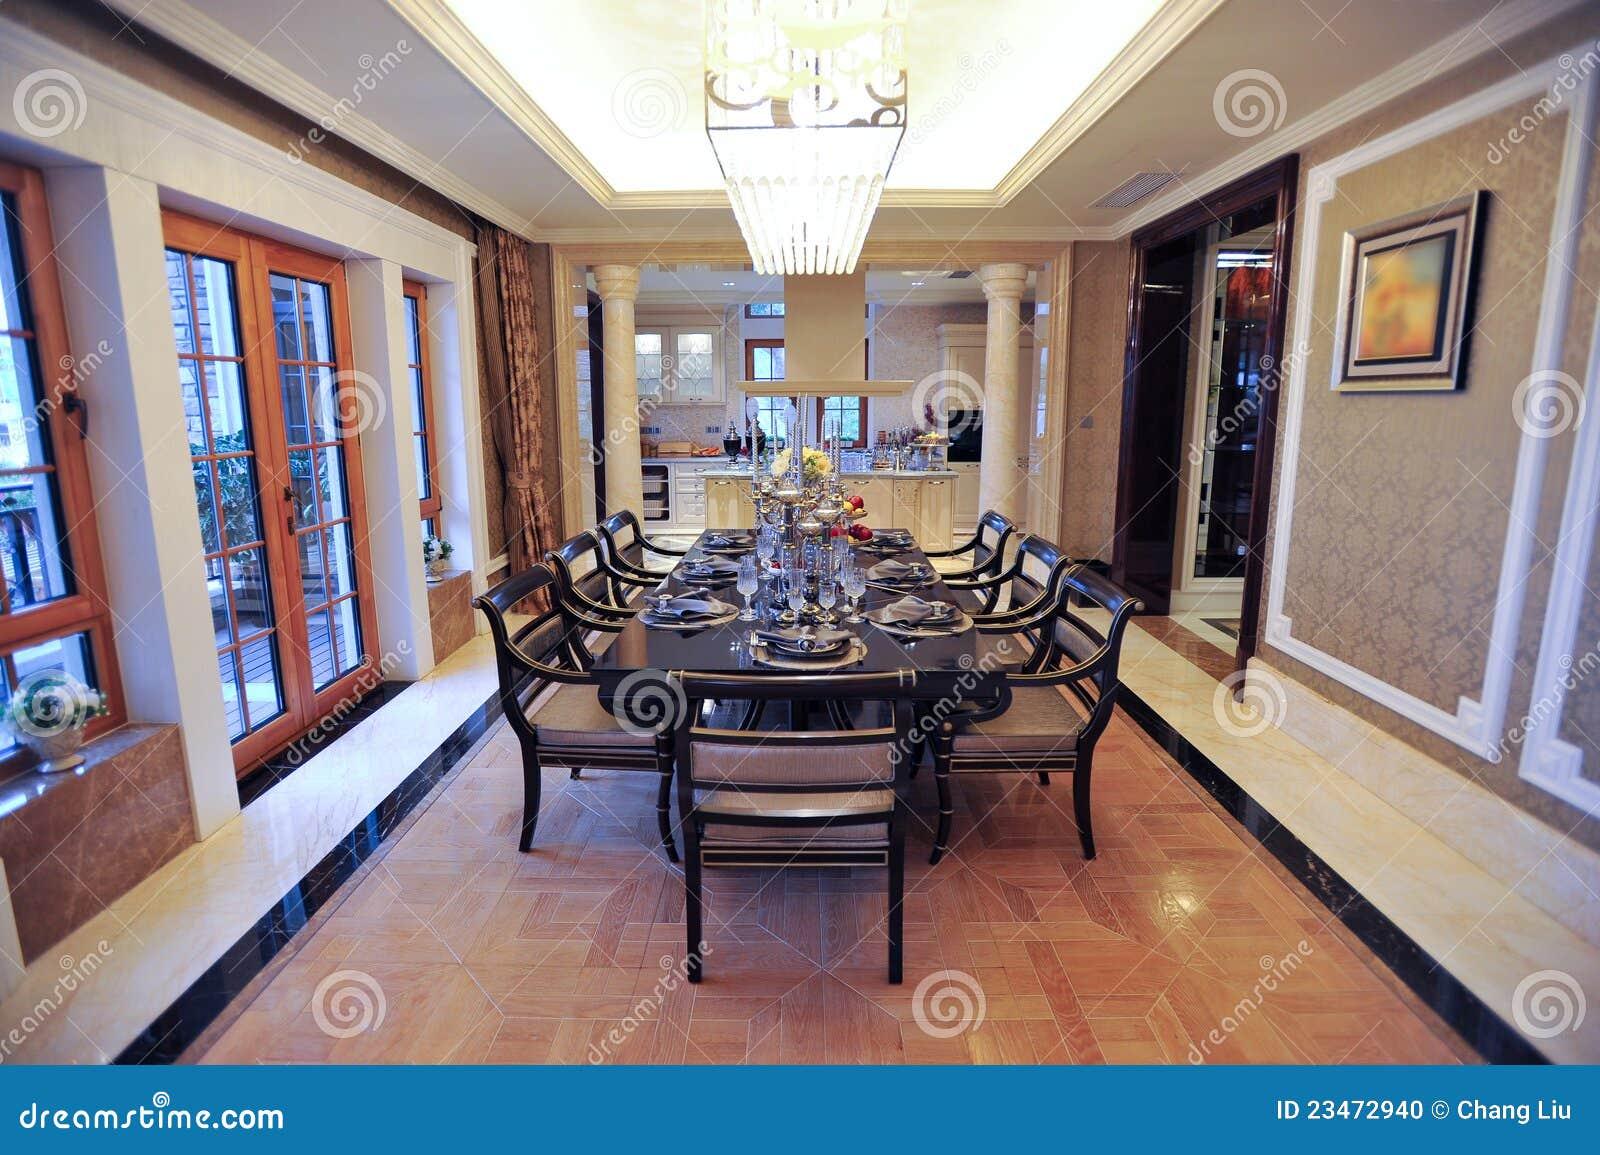 klassisches esszimmer in einer villa stockfoto bild